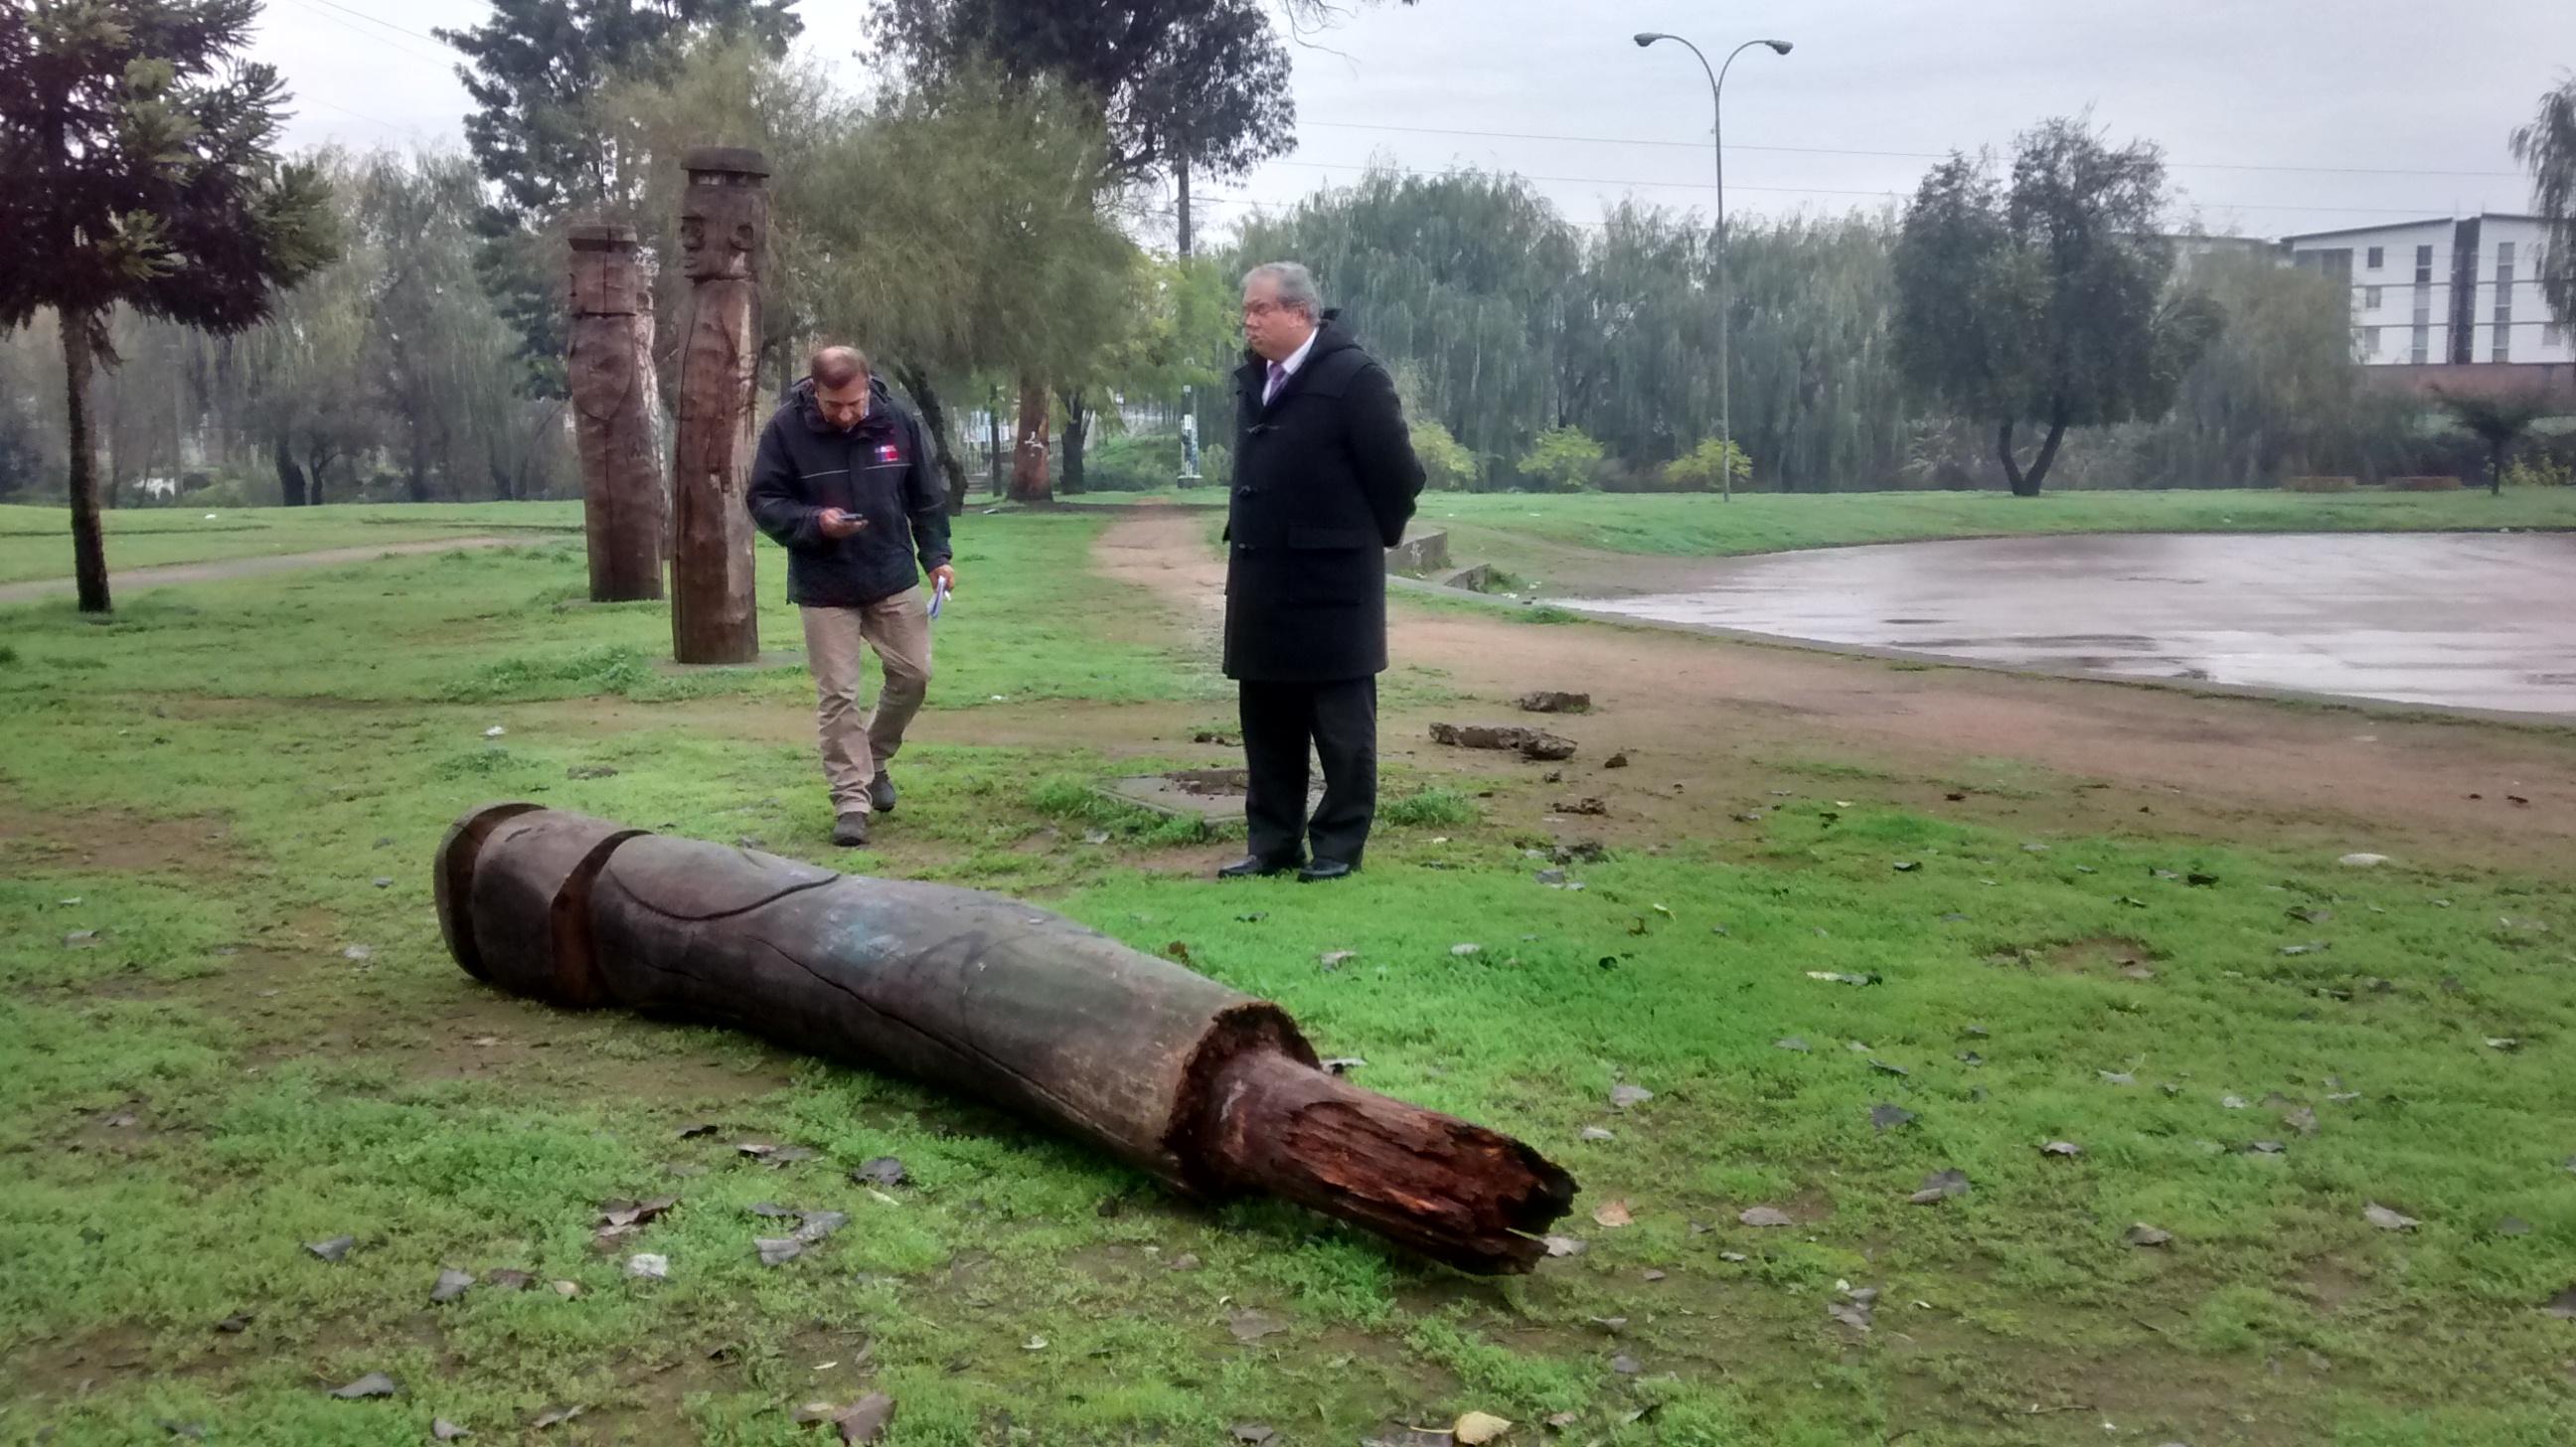 Presentan denuncia por daños a escultura indígena en Talca